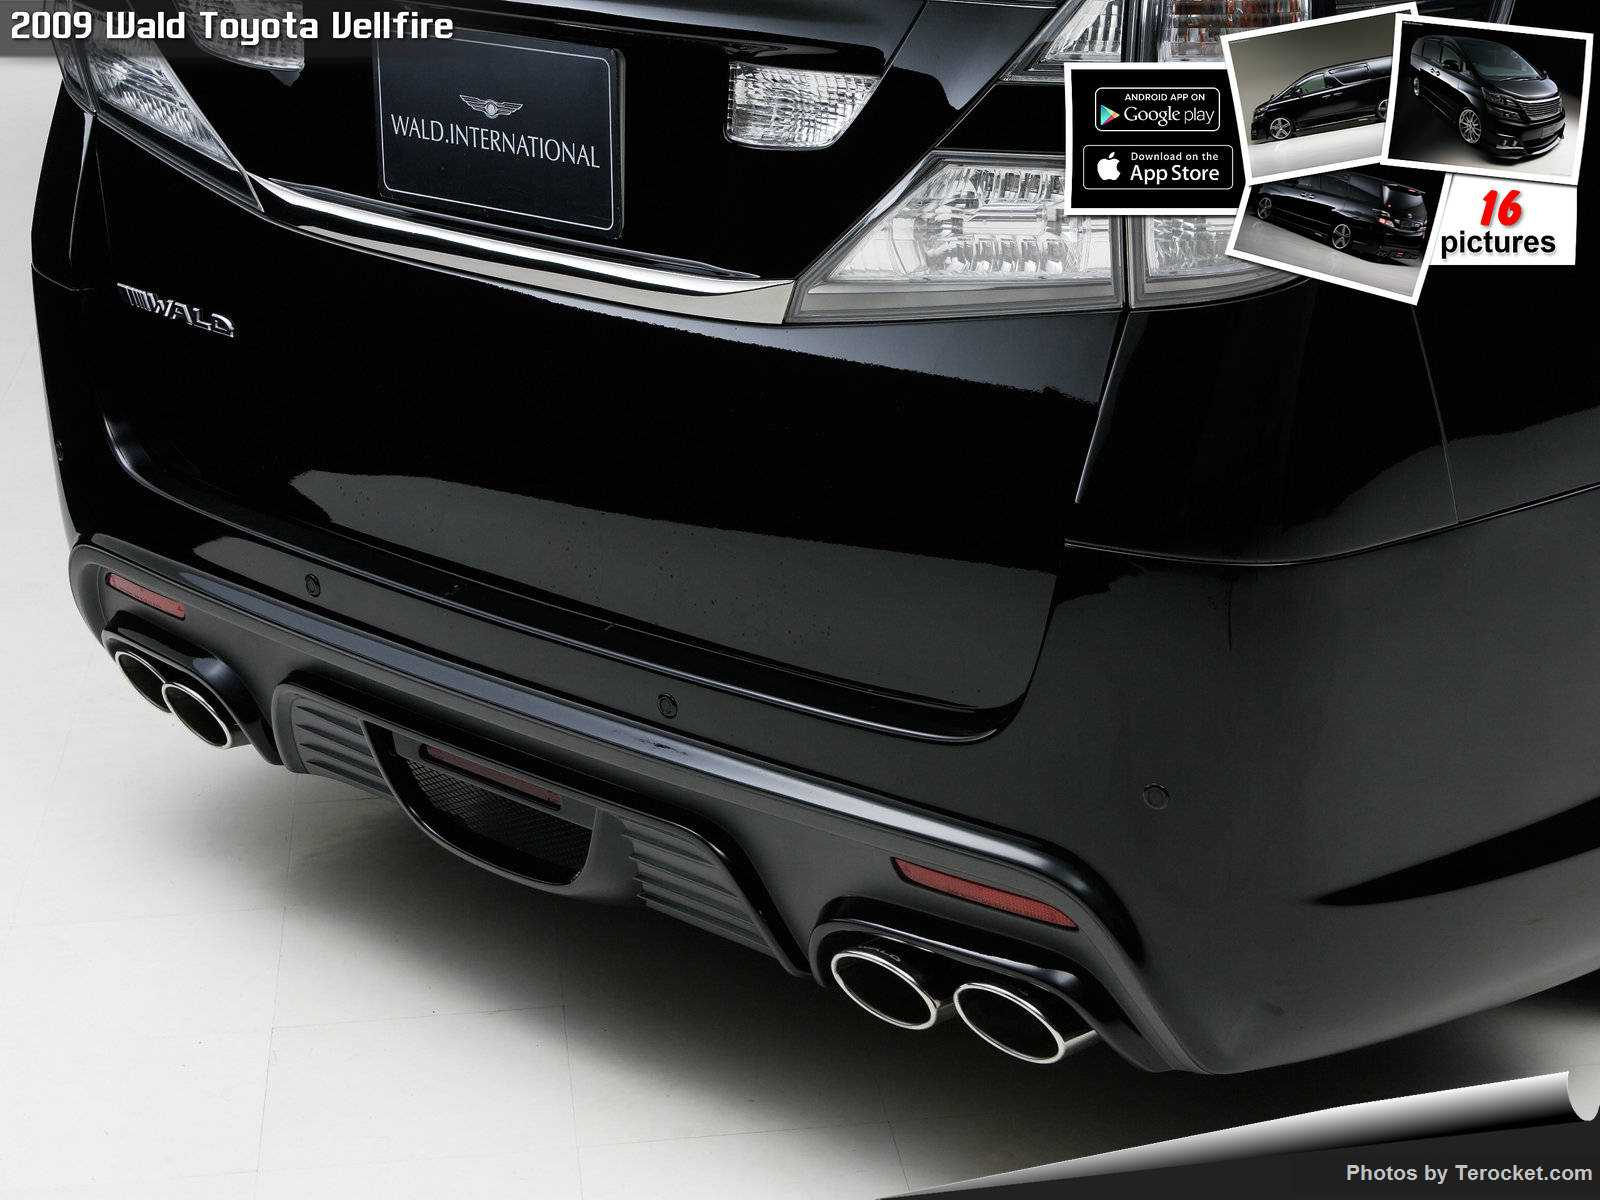 Hình ảnh xe độ Wald Toyota Vellfire 2009 & nội ngoại thất